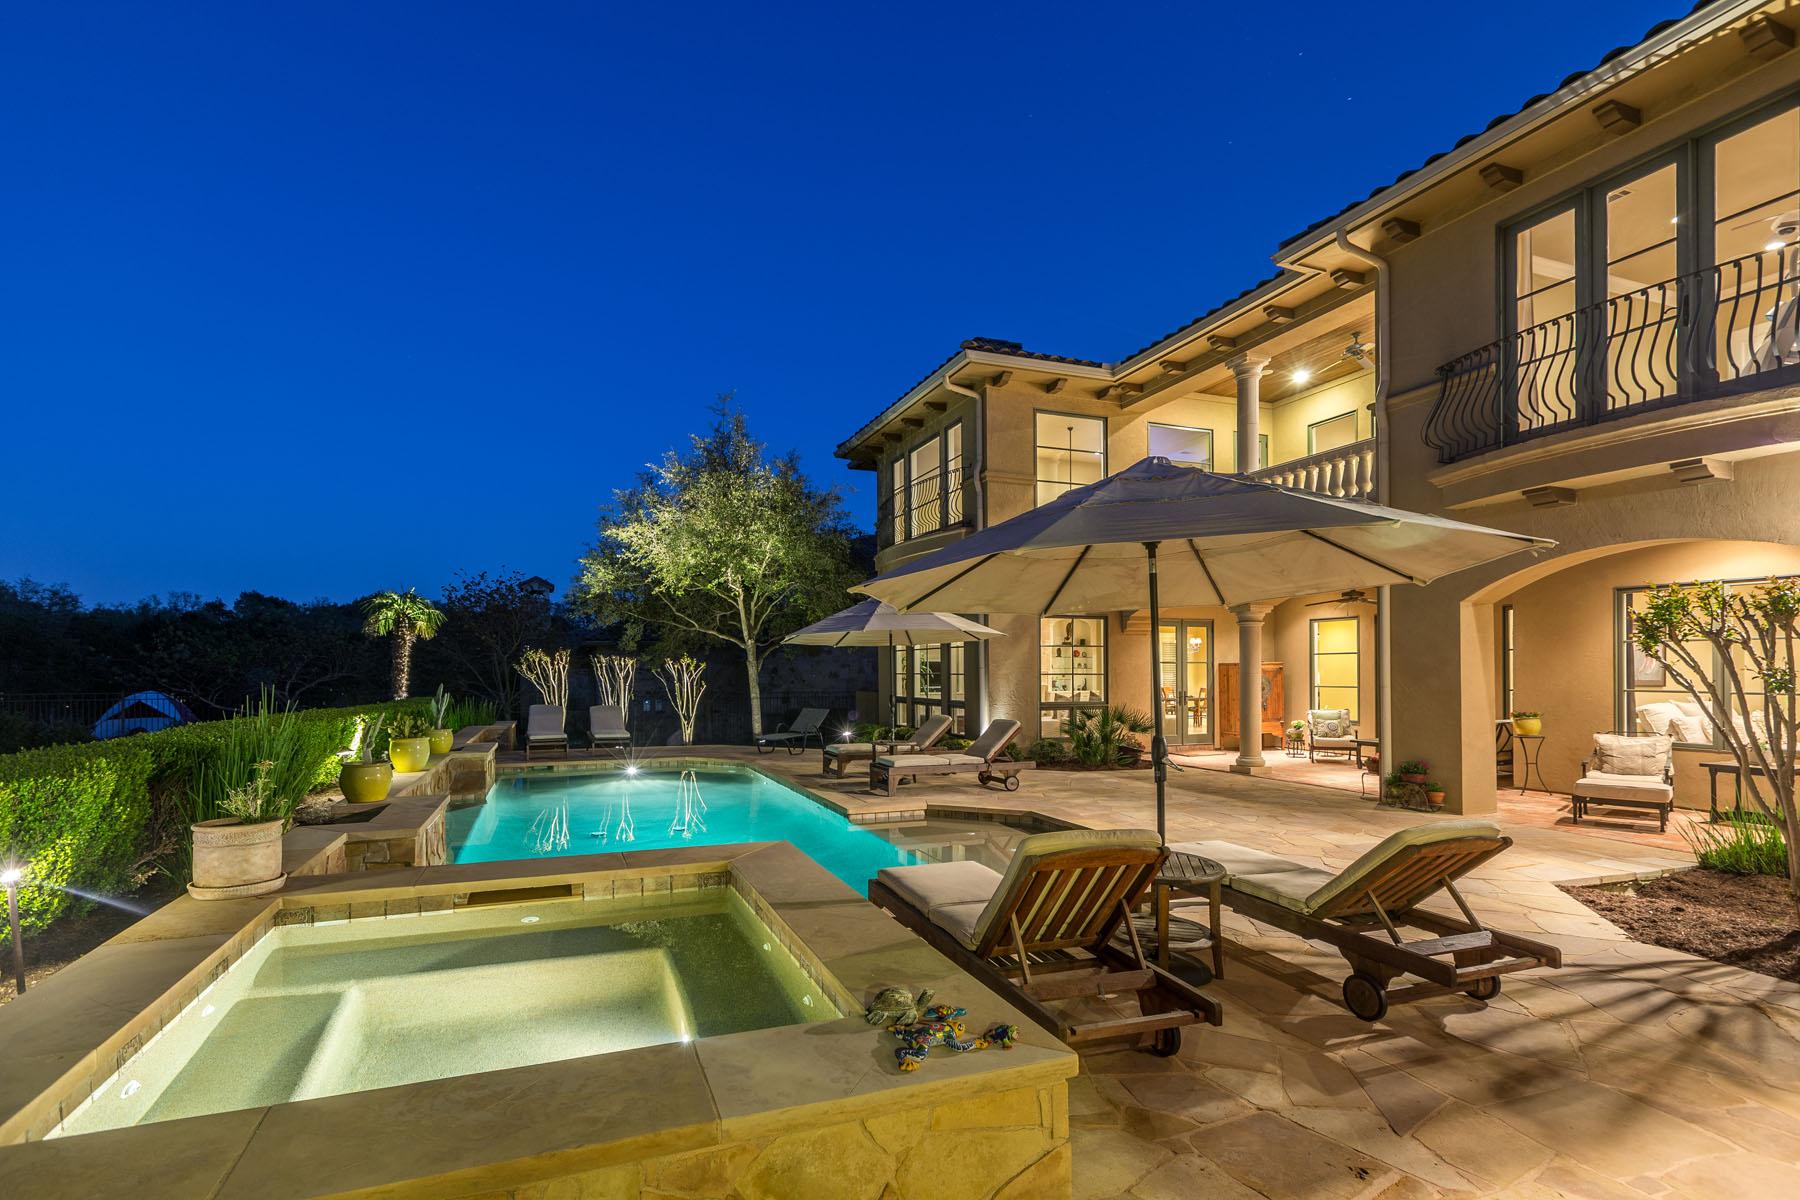 Casa Unifamiliar por un Venta en Sophisticated Barton Creek Estate 8416 Calera Dr Austin, Texas 78735 Estados Unidos